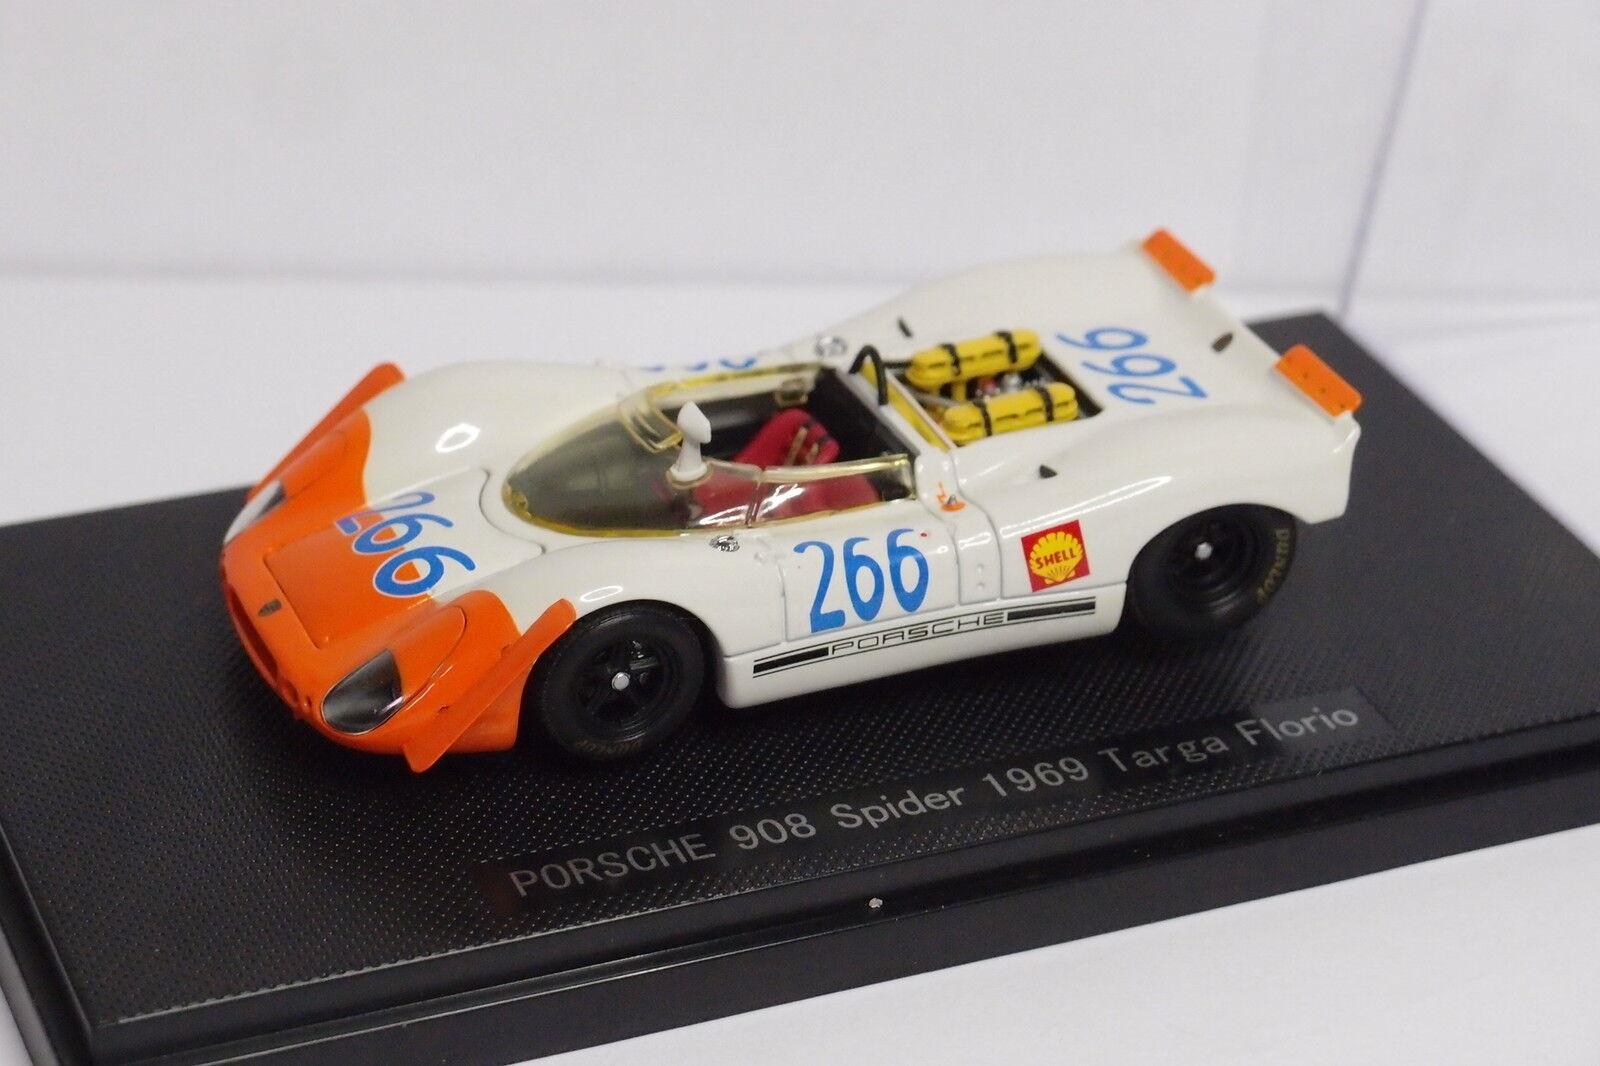 EBBRO PORSCHE 908 SPIDER  266 TARGA FLORIO 1969 1 43